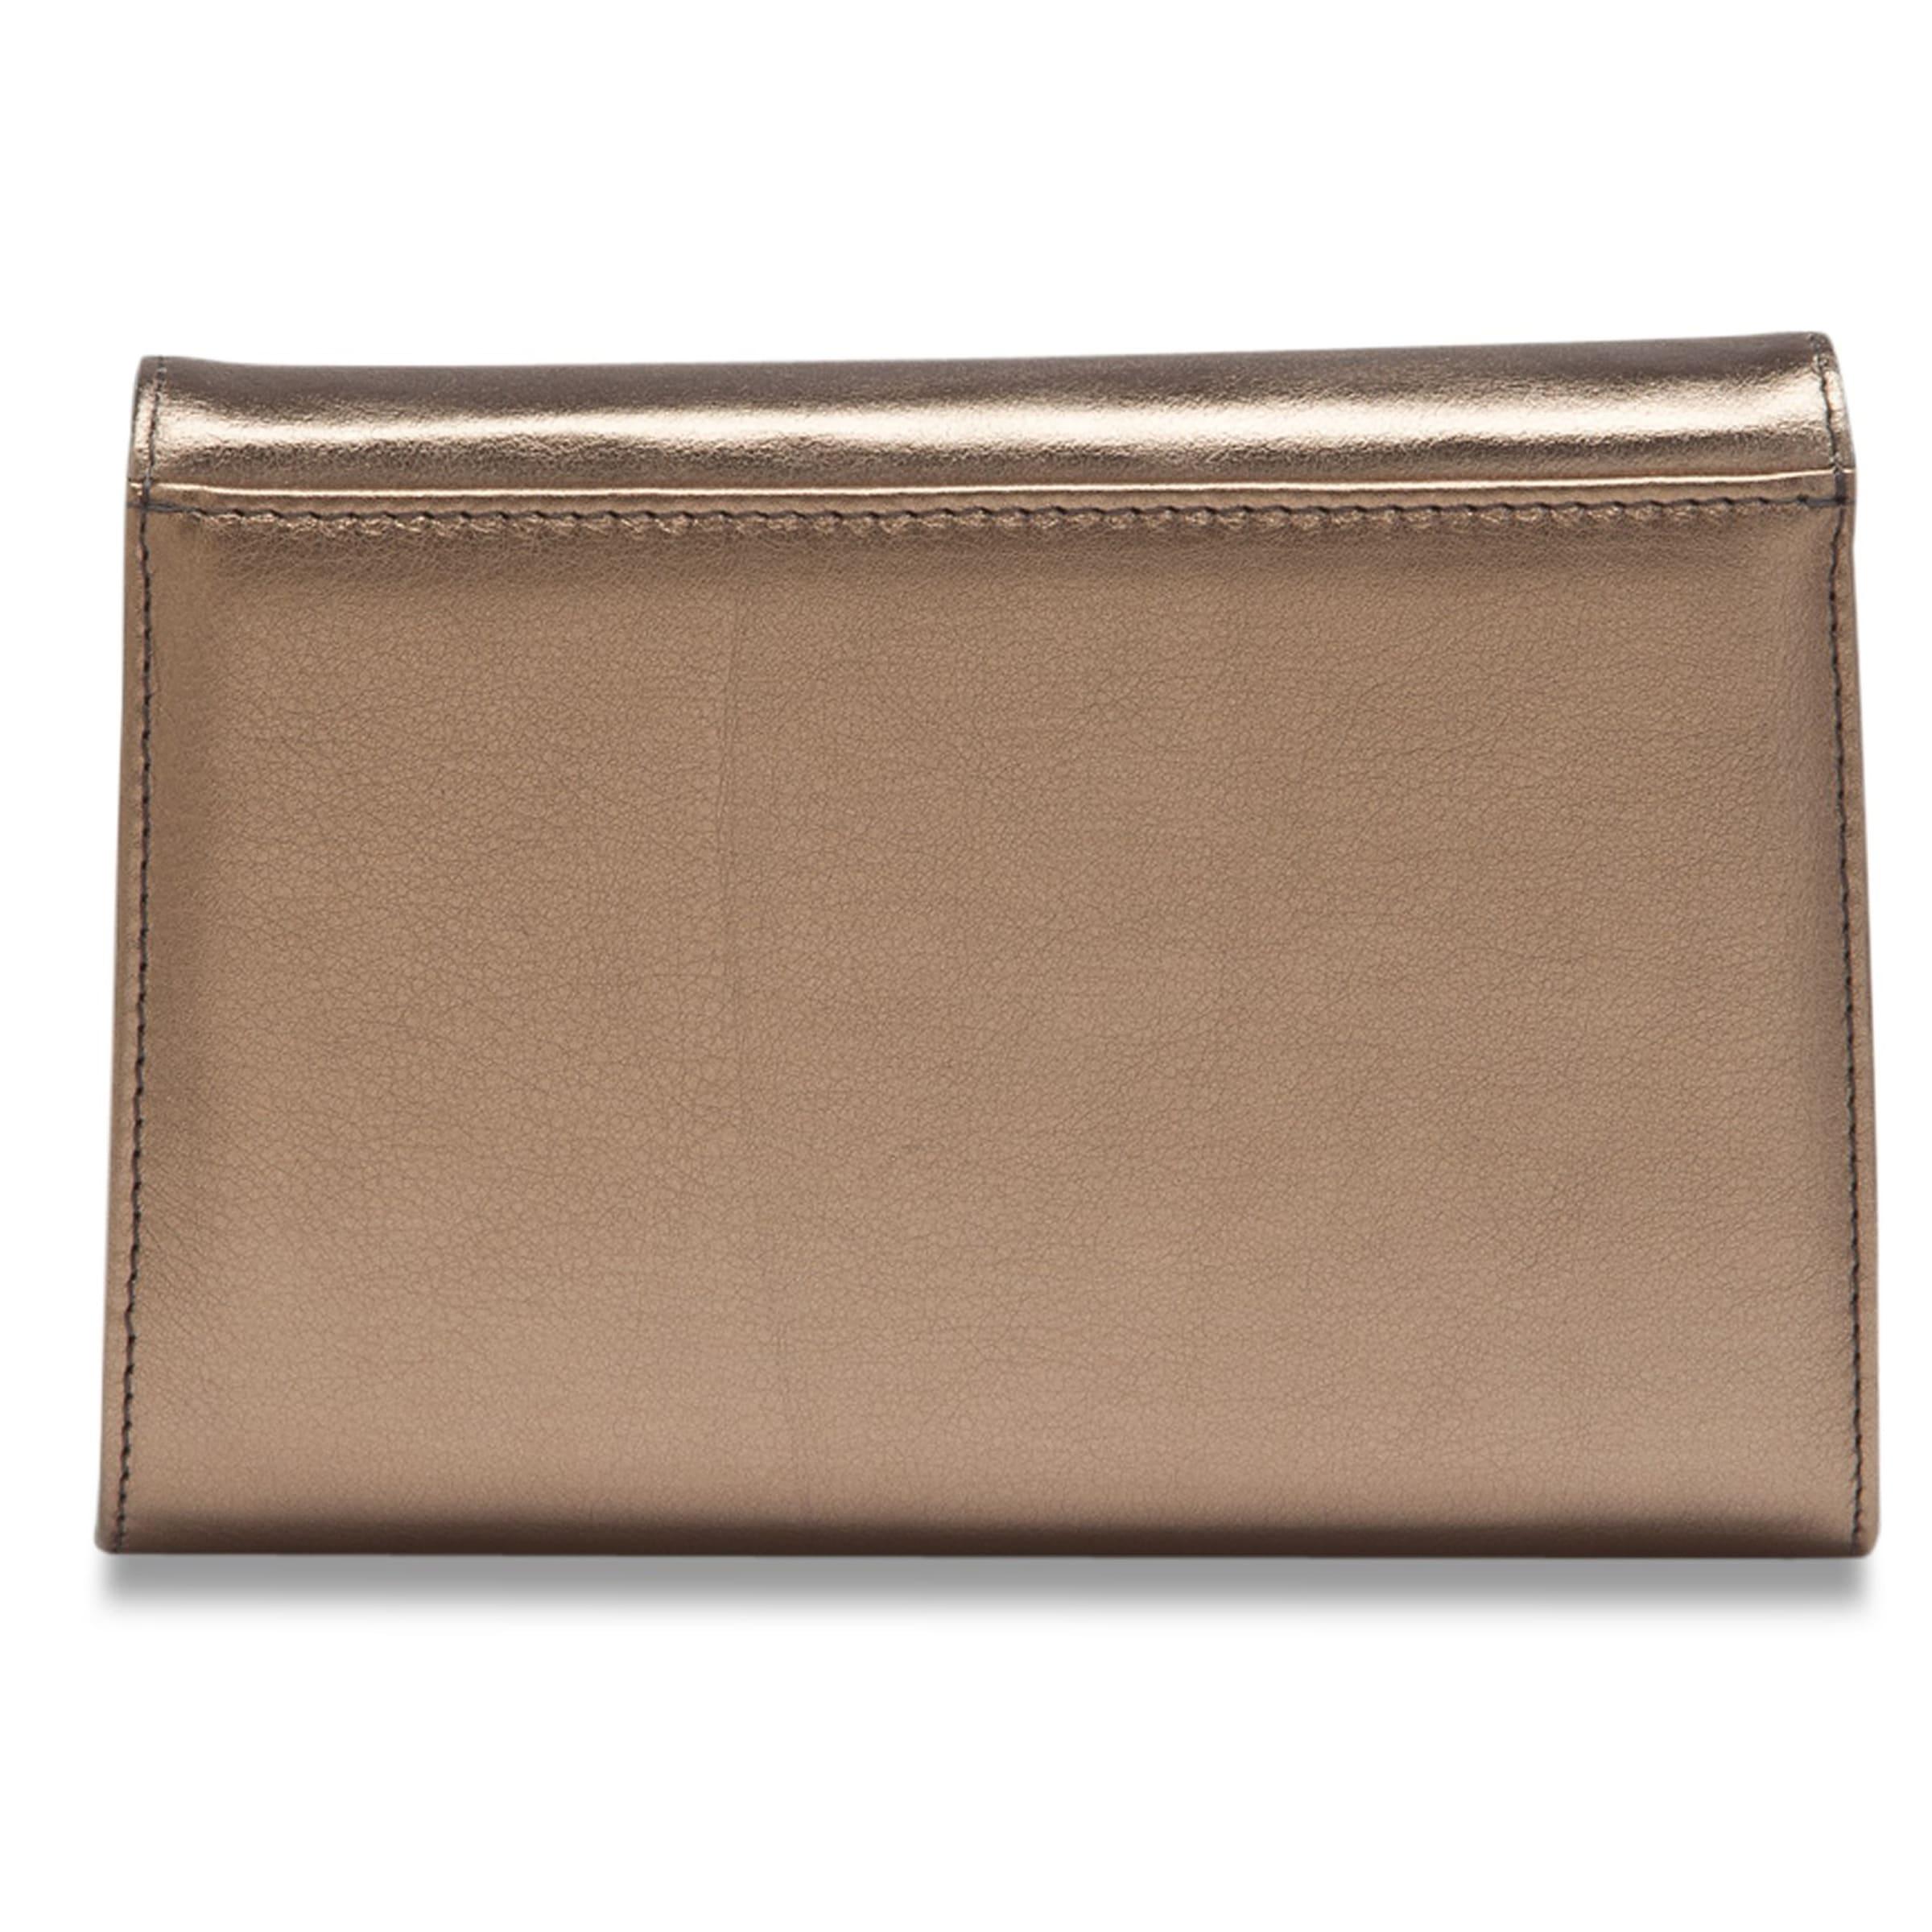 Picard Auguri Damentasche Leder 19 cm Footlocker Finish Online Billig Heißen Verkauf Zu Verkaufen Authentische Online Kaufen Neuesten Kollektionen Günstiger Preis 6mfJ6GD95